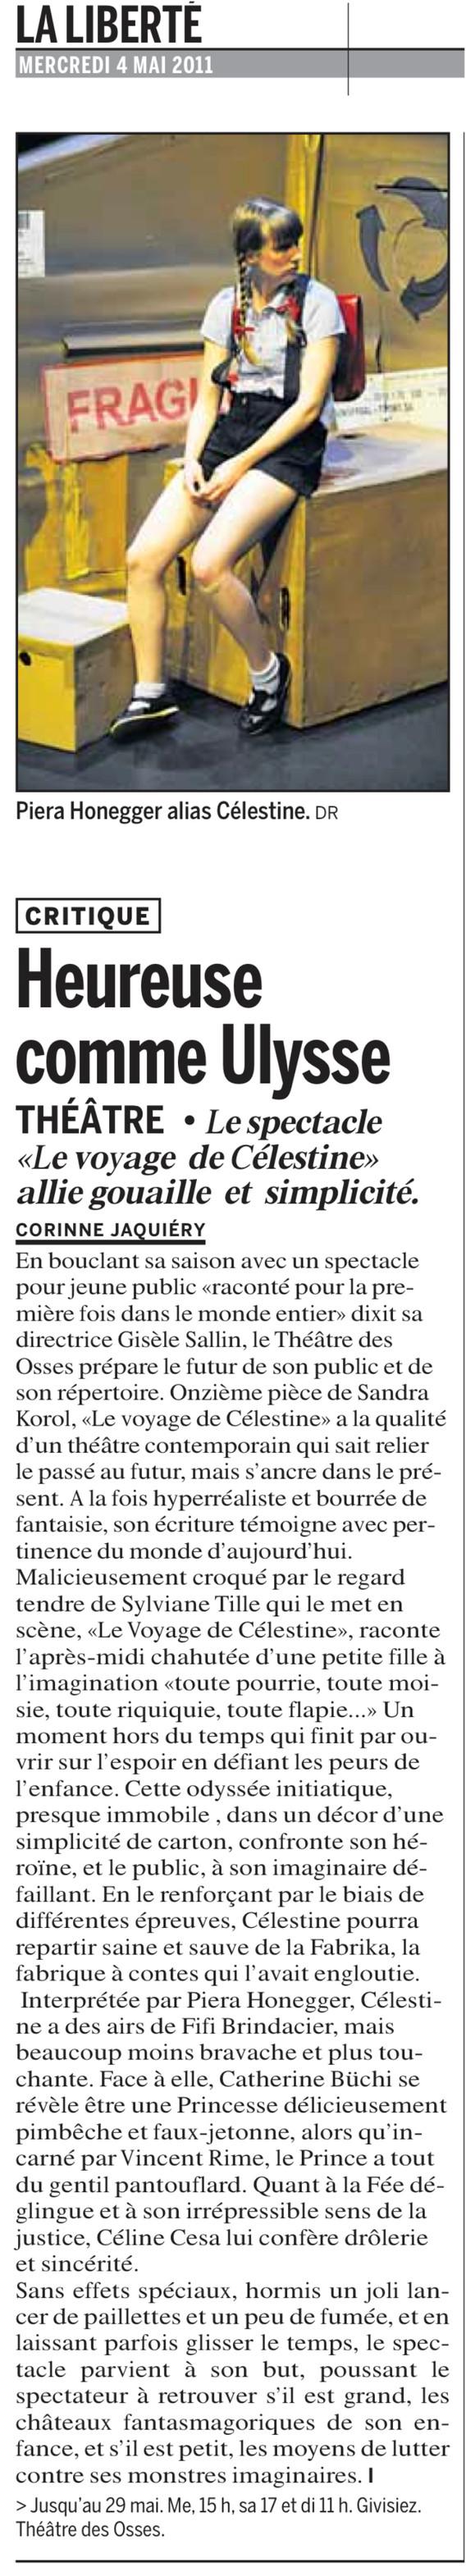 celestine_la_liberté_critique_4.5.11.jpg